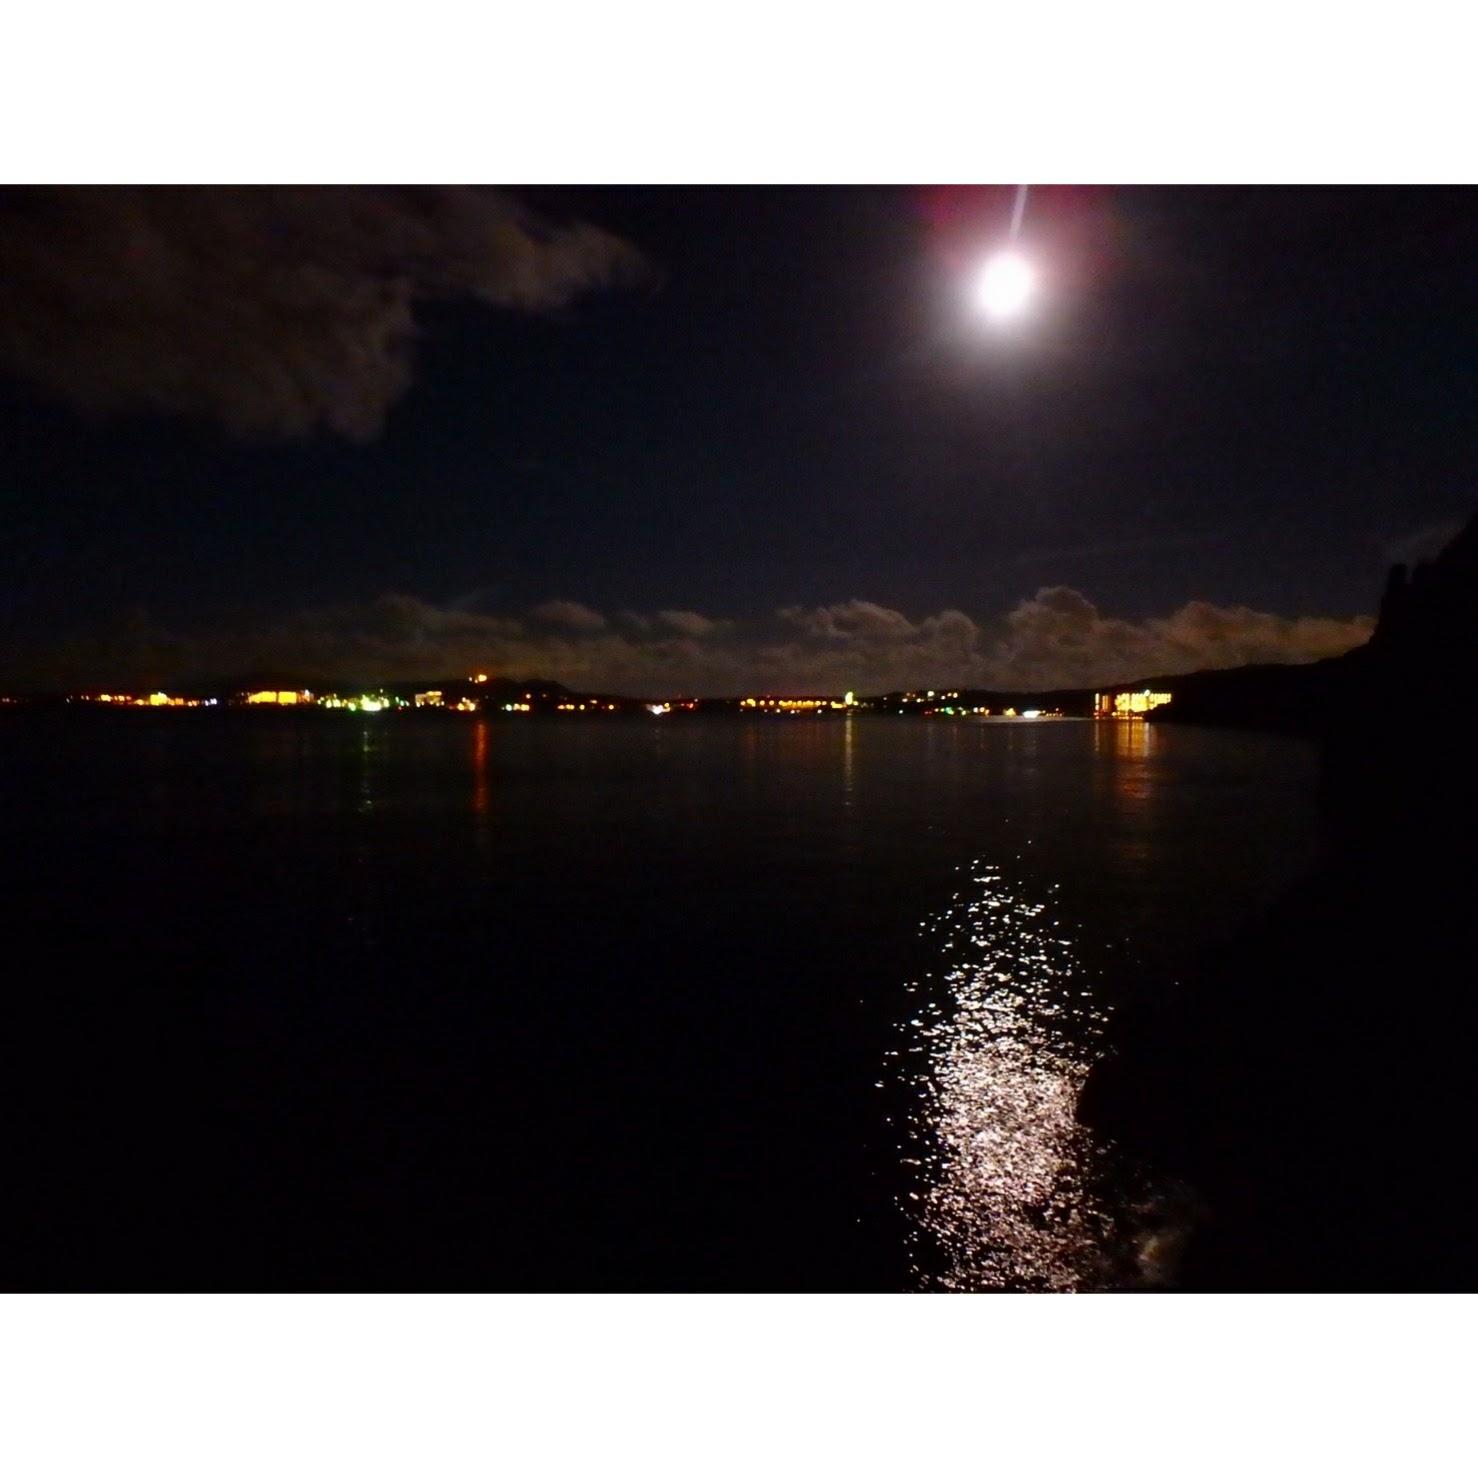 ナイトシュノーケル 真栄田岬の夜景